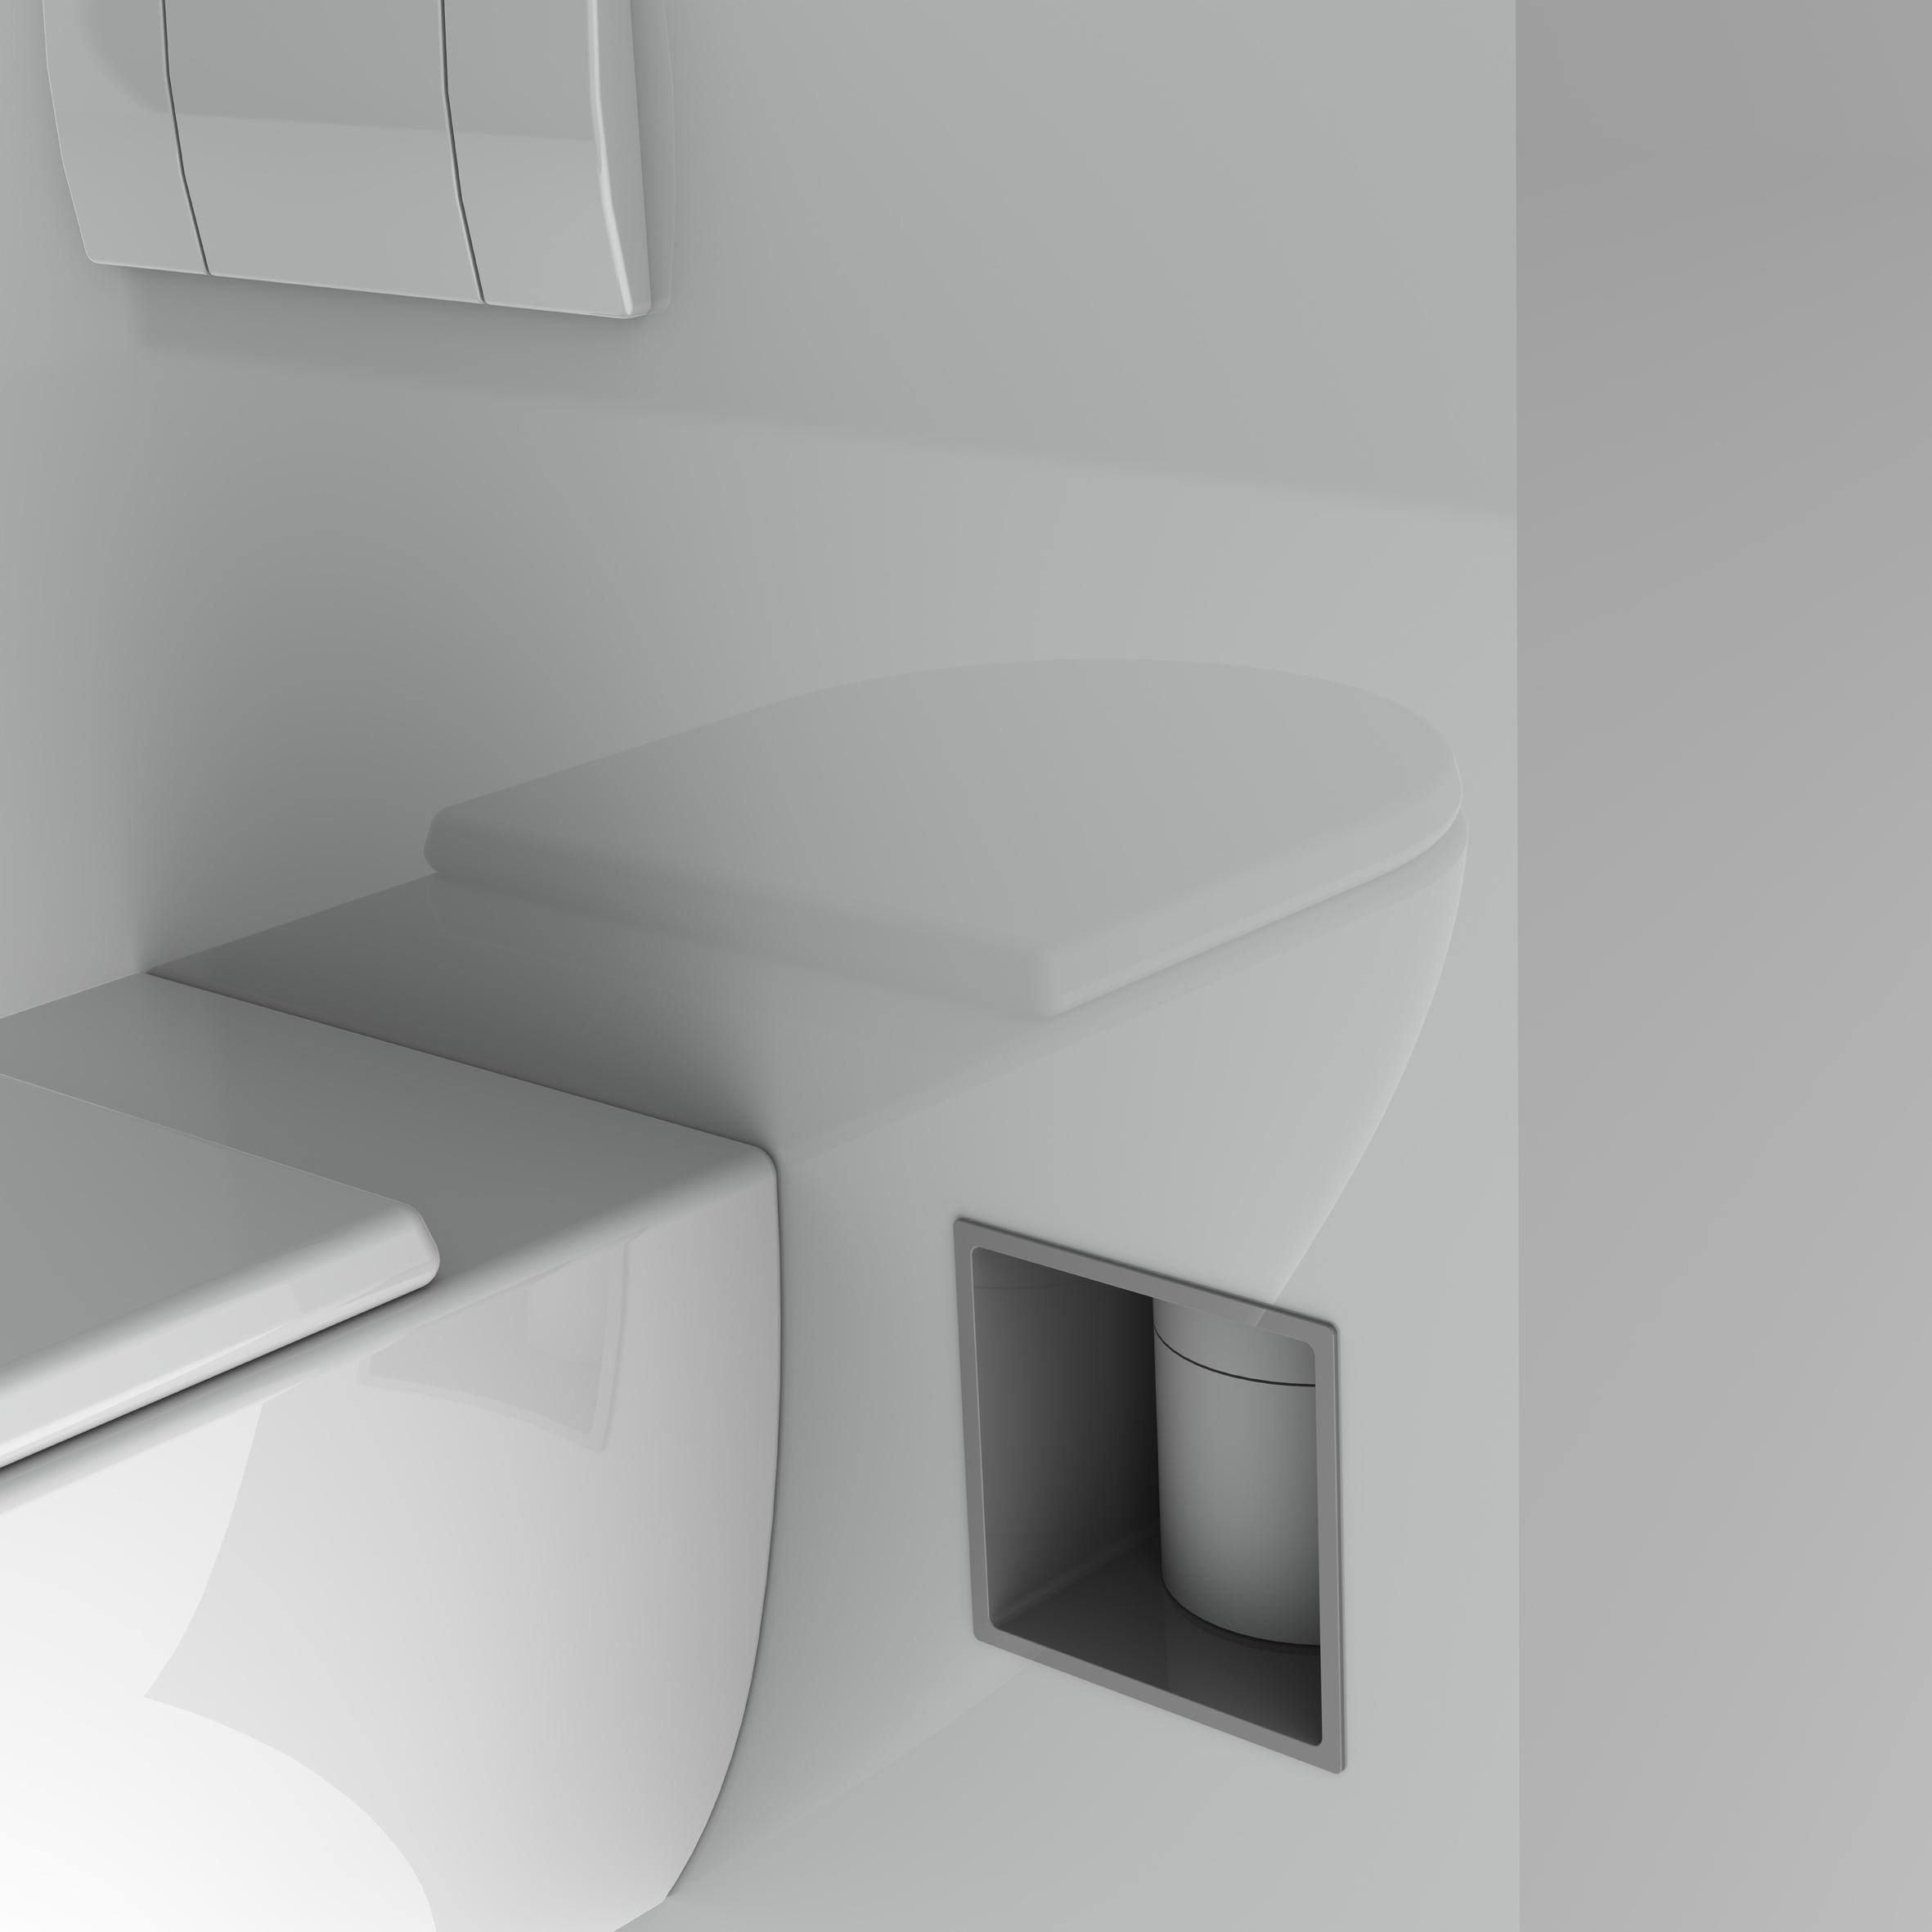 Onzichtbaar ingebouwde reserve toiletrollen dispenser van Stock4rolls